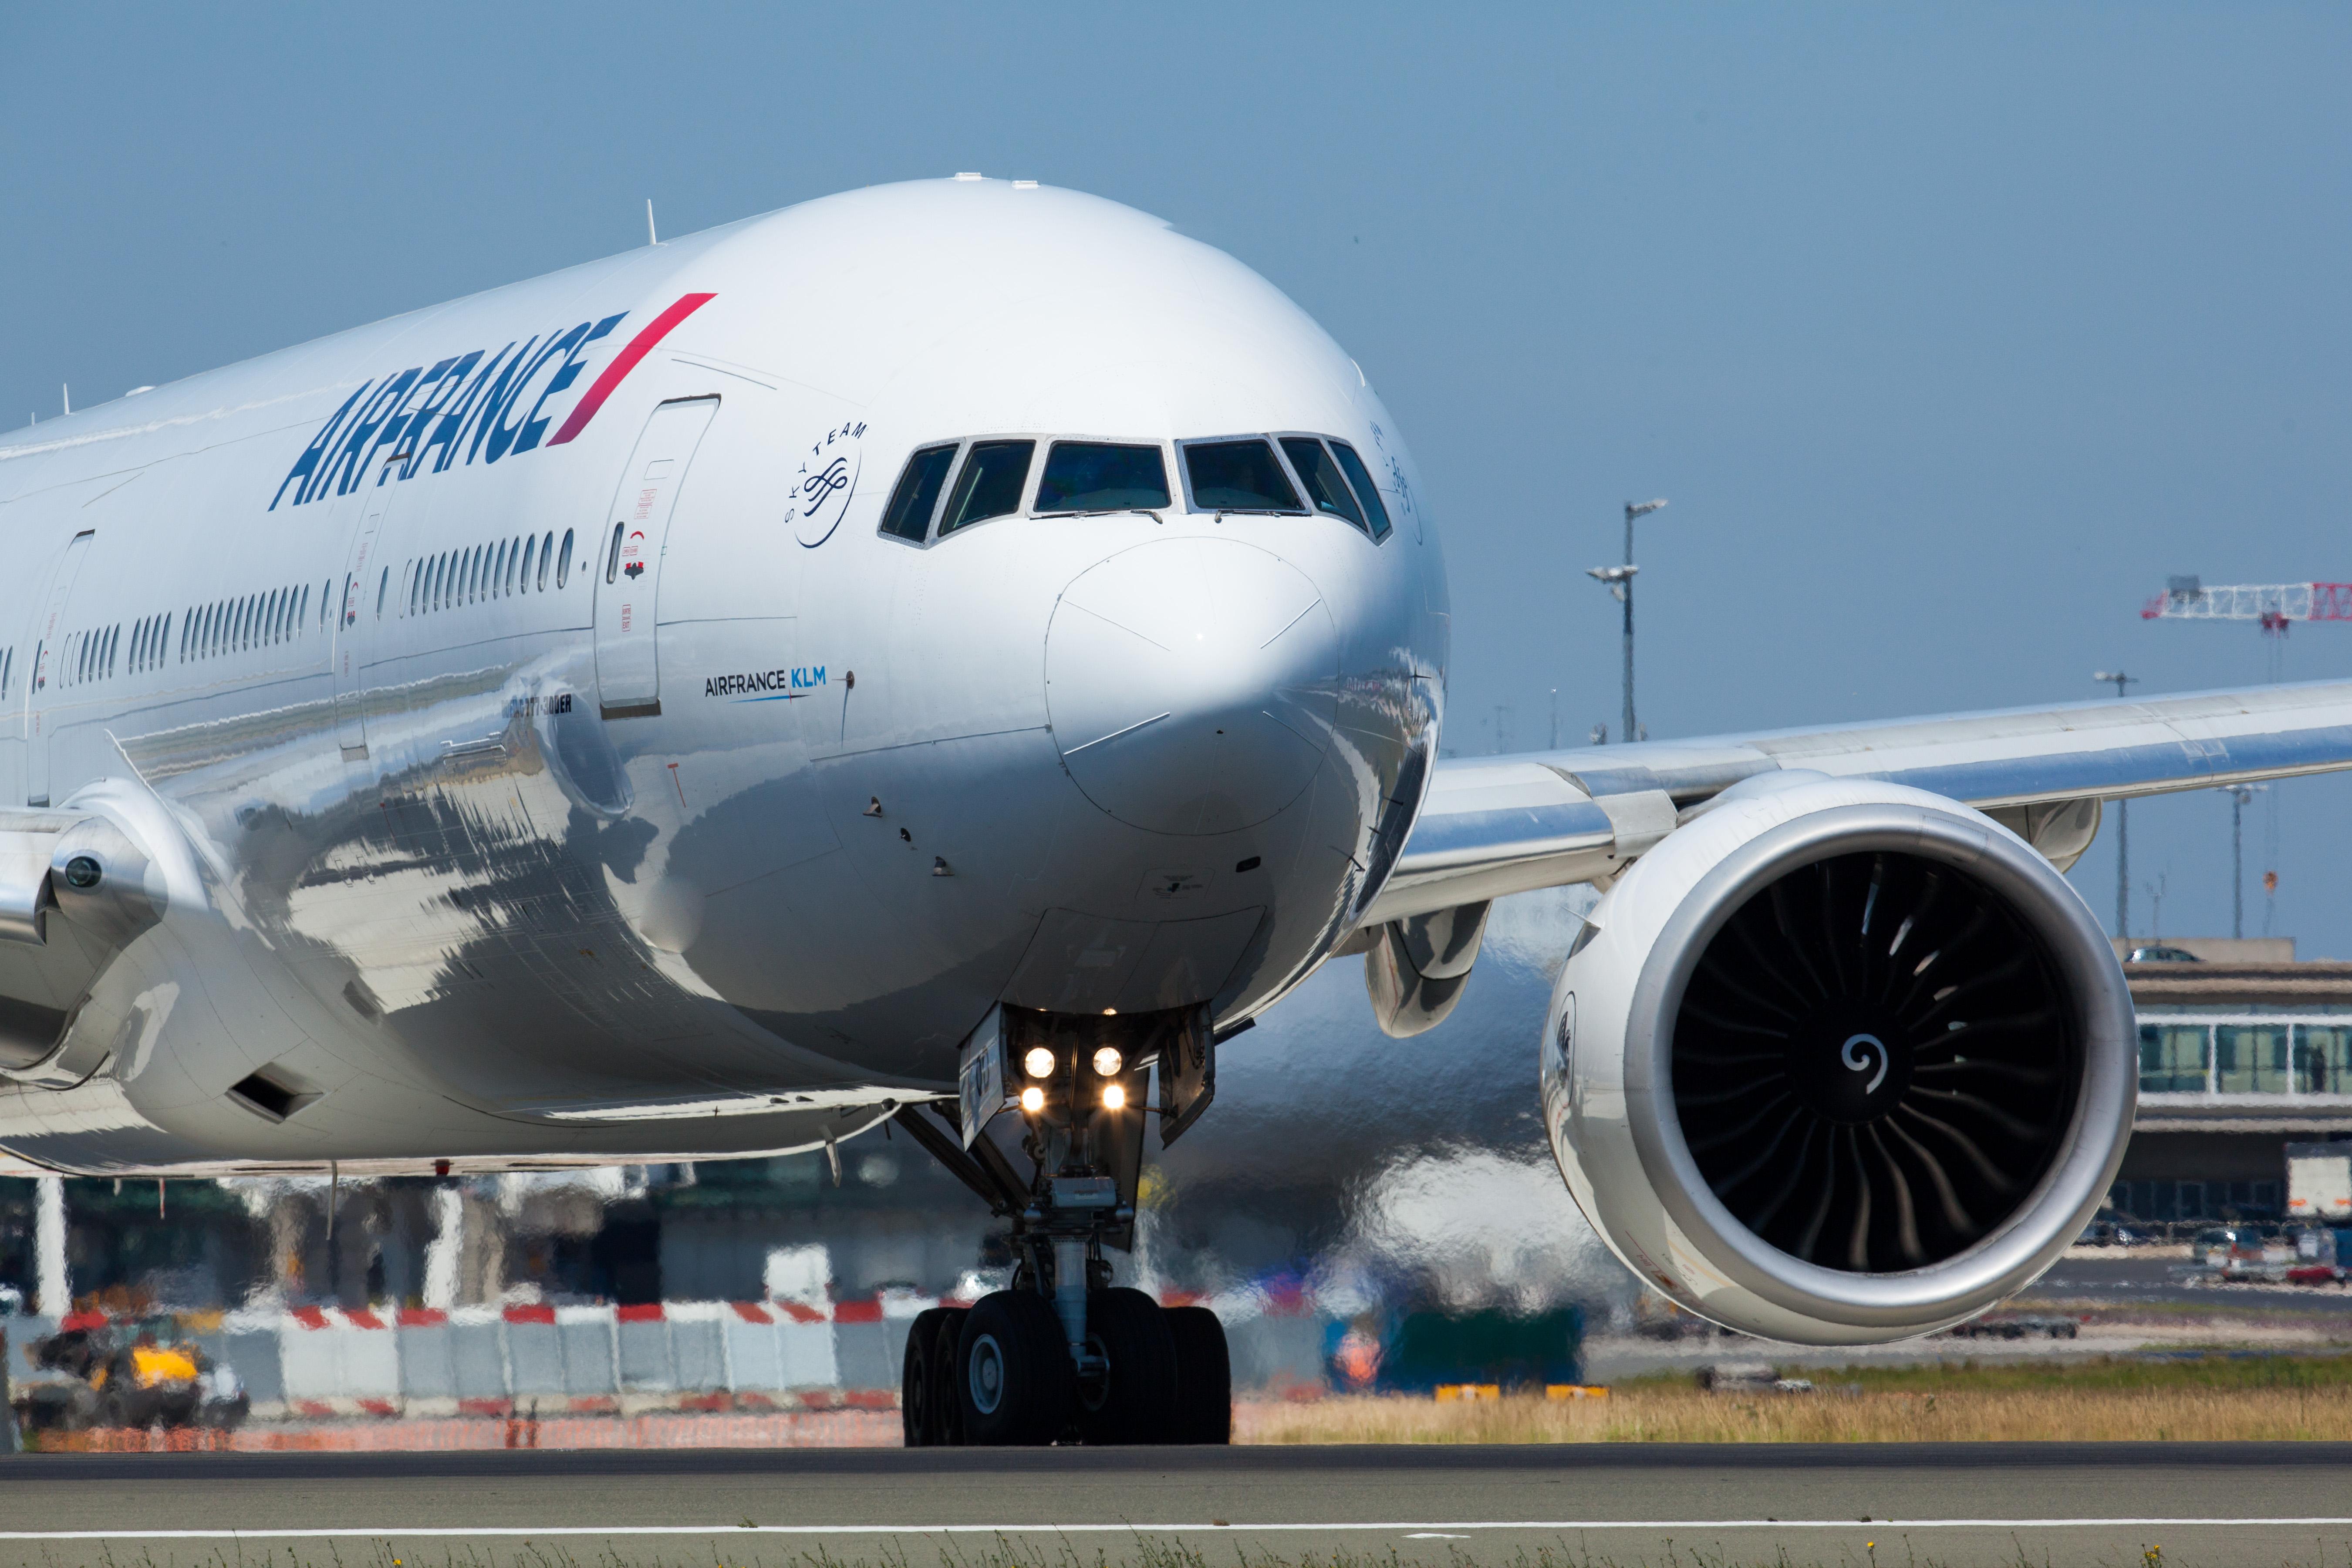 Air France og KLM styrker samarbejdet med Norges største erhvervsrejsebureau, Berg-Hansen. Pressefoto fra Air France med en Boeing B777-300.